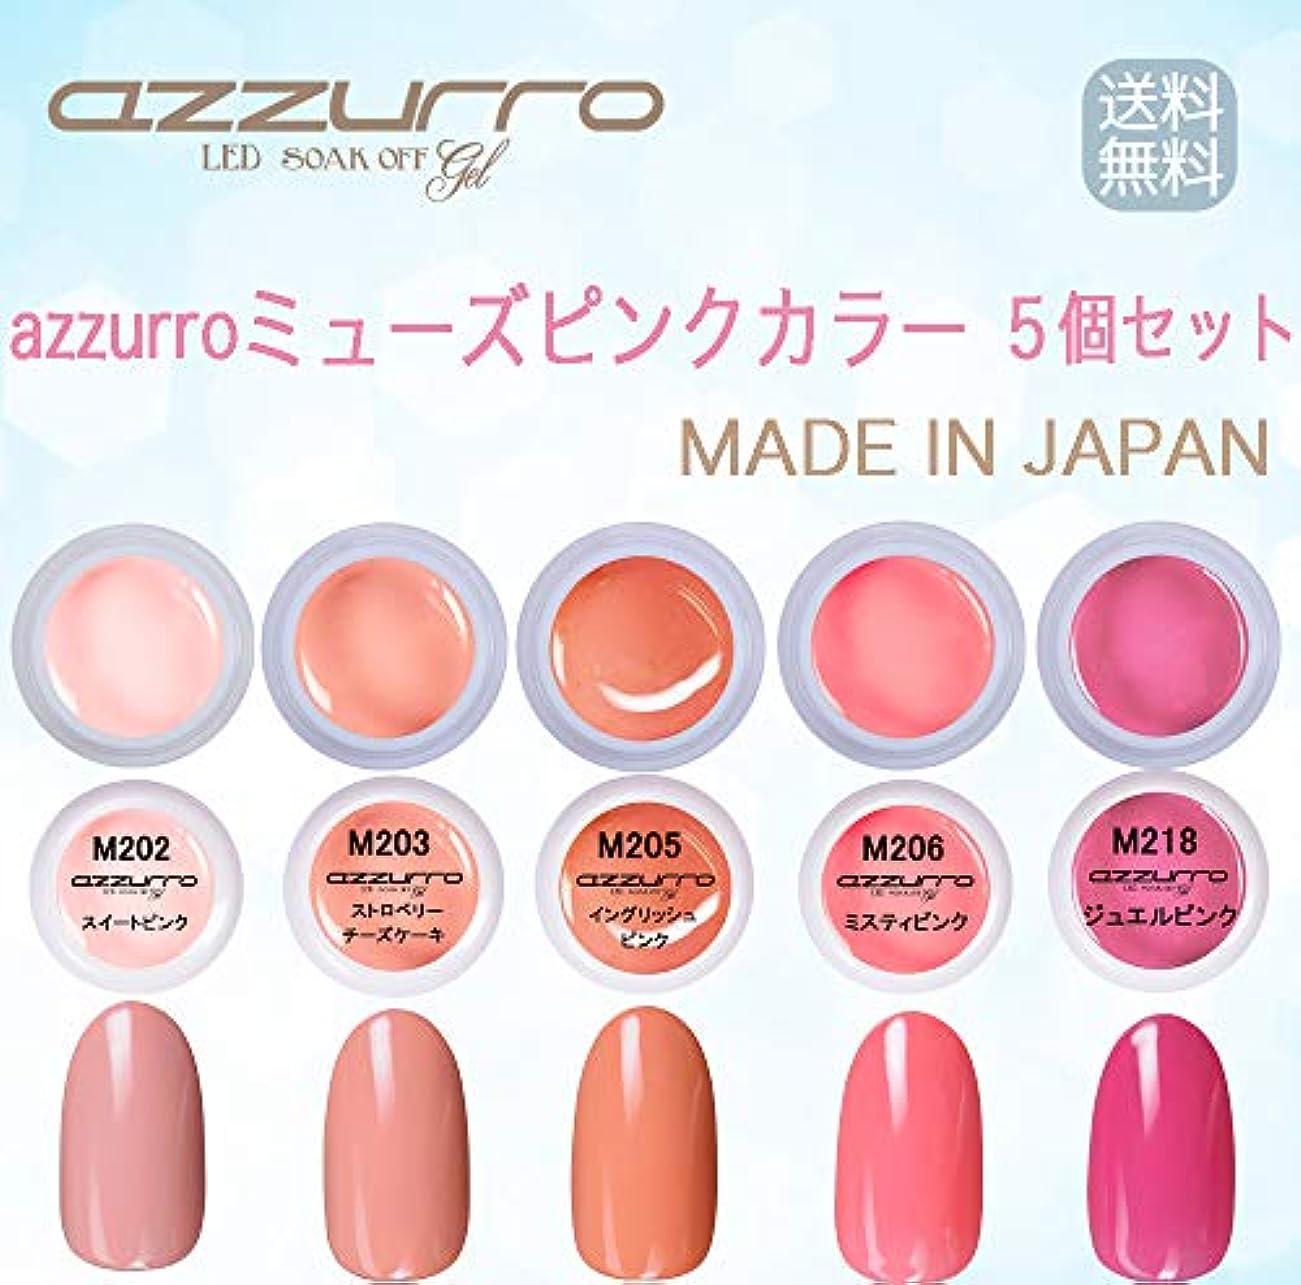 【送料無料】日本製 azzurro gel ミューズピンクカラージェル5個セット 春色にもかかせないマットコートとスモーキーパステルカラー